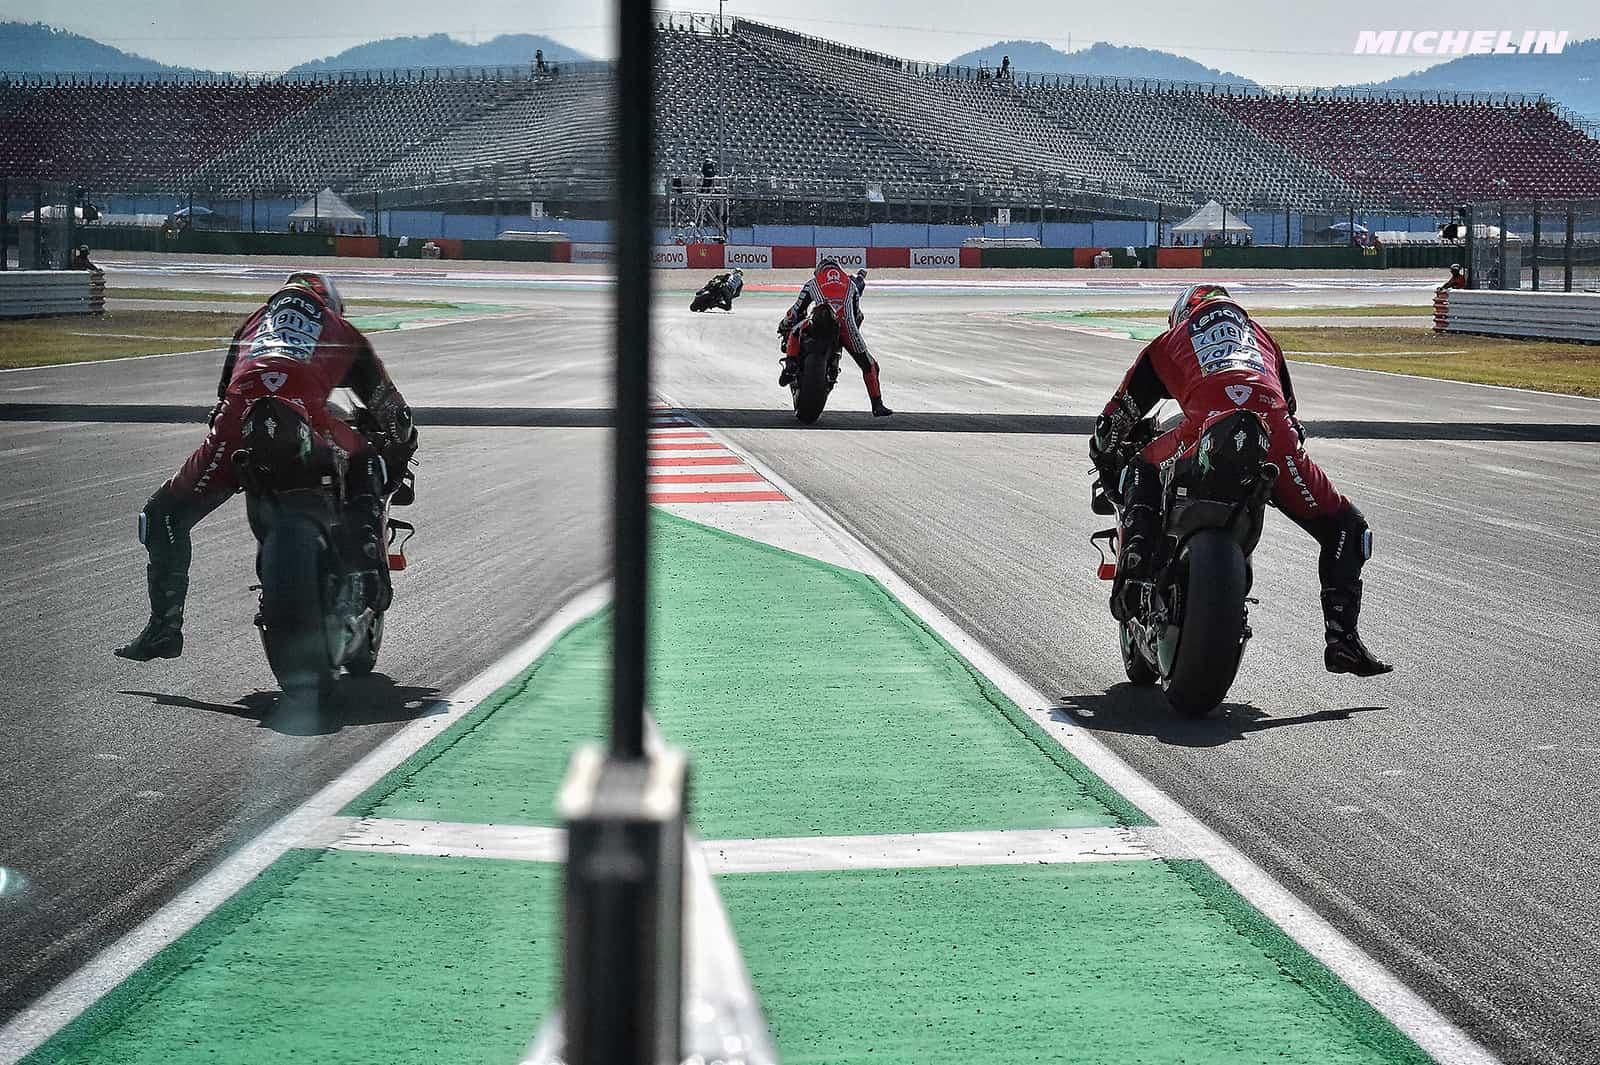 サンマリノGP 初日総合7位ダニーロ・ペトルッチ「Ducati最速だったのはポジティブ」